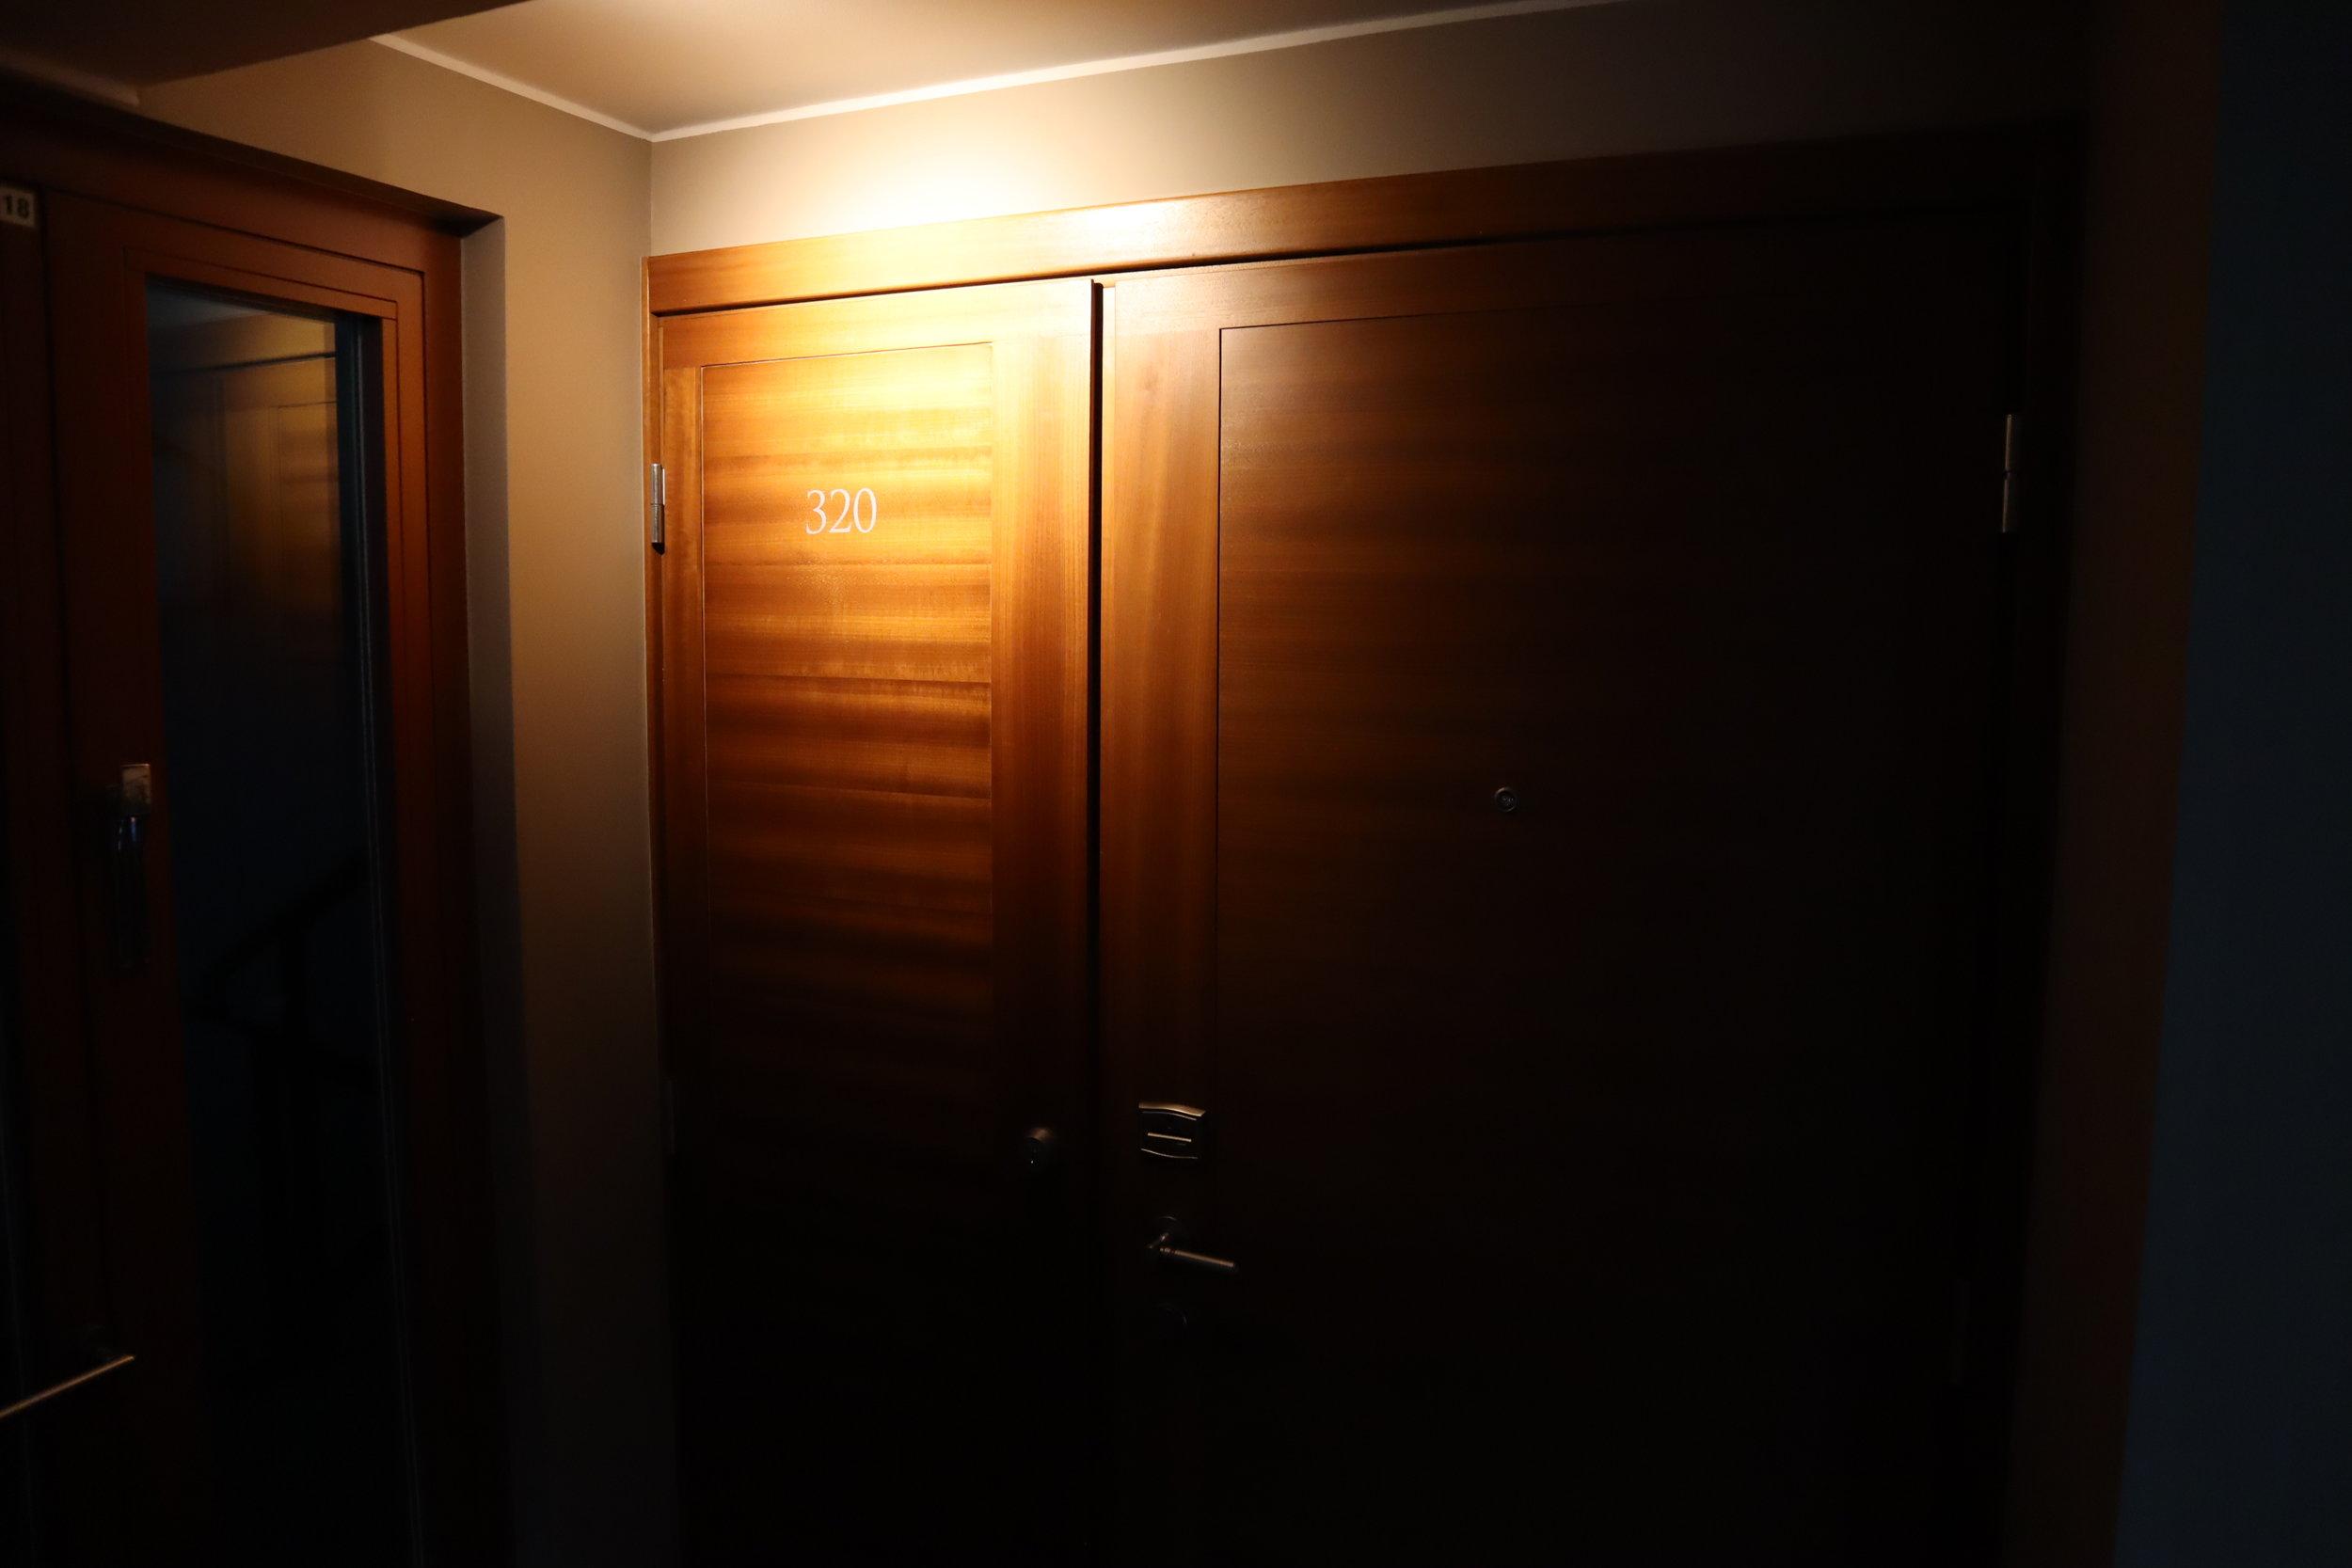 Hotel Telegraaf Tallinn – Room 320